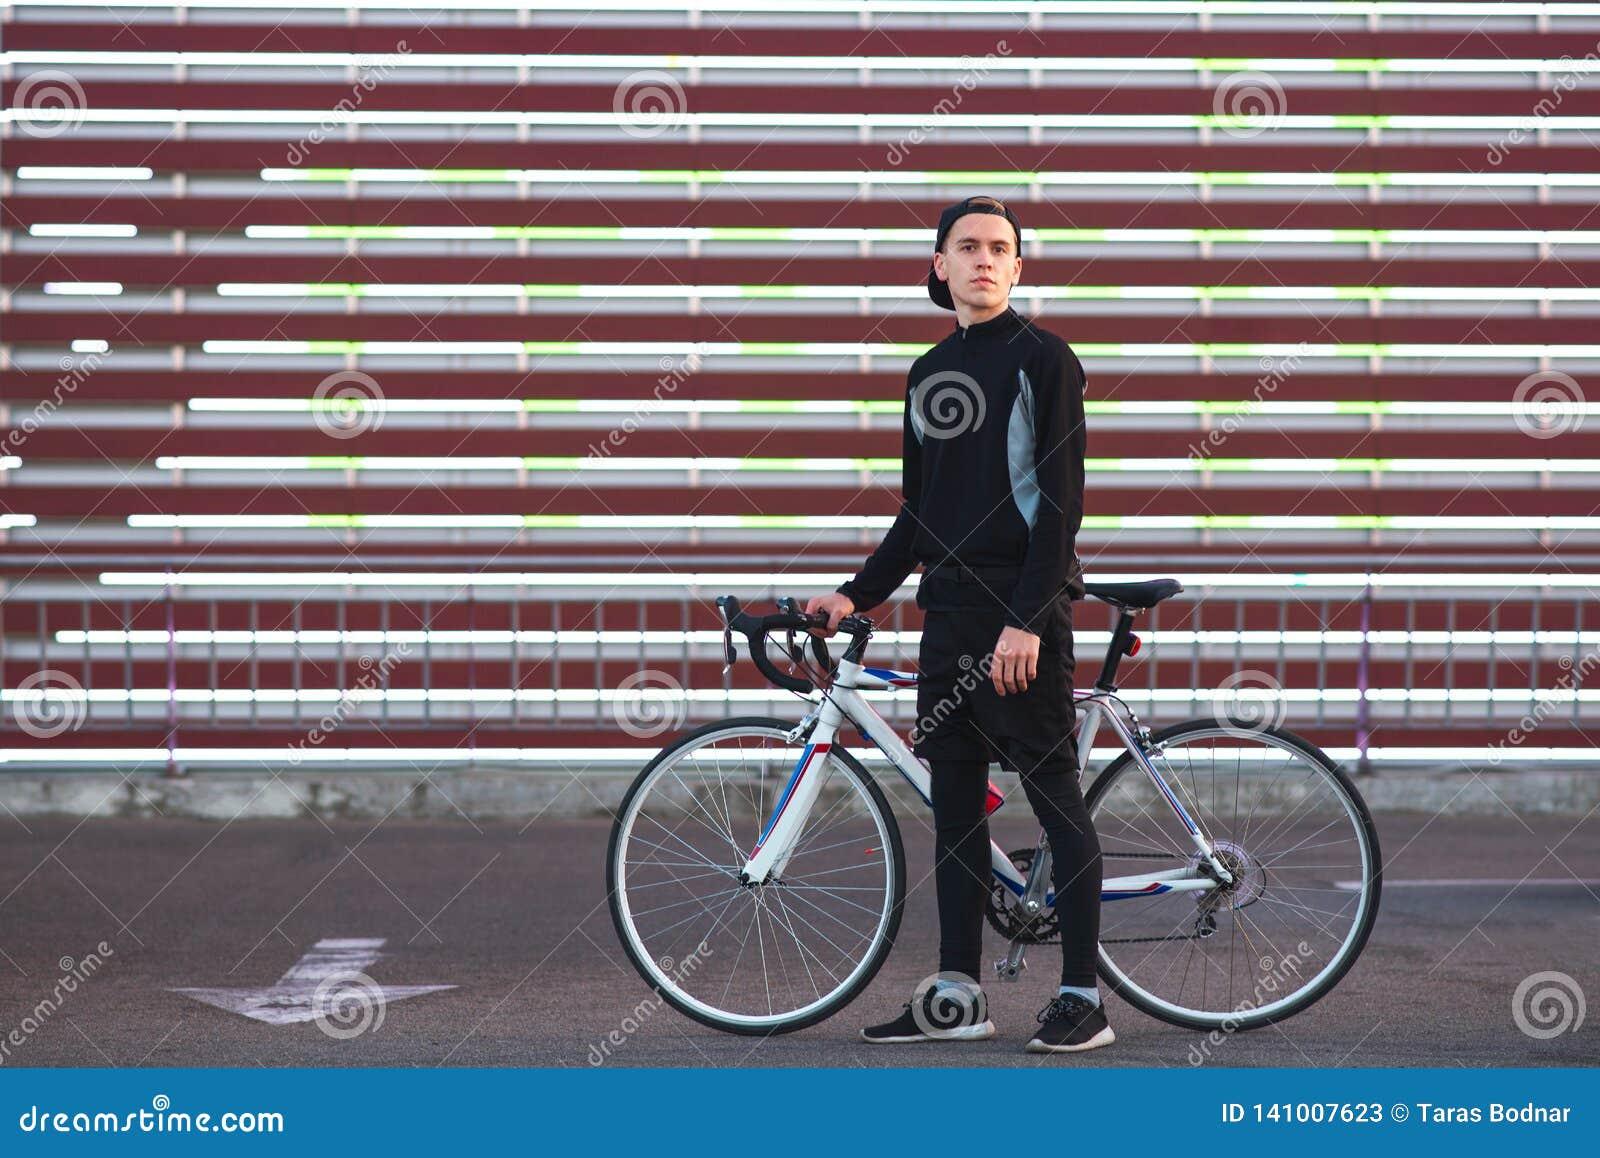 De mens in donkere sportkleding en met fietsenrekken op de gestreepte achtergrond van het grote scherm en bekijkt de camera